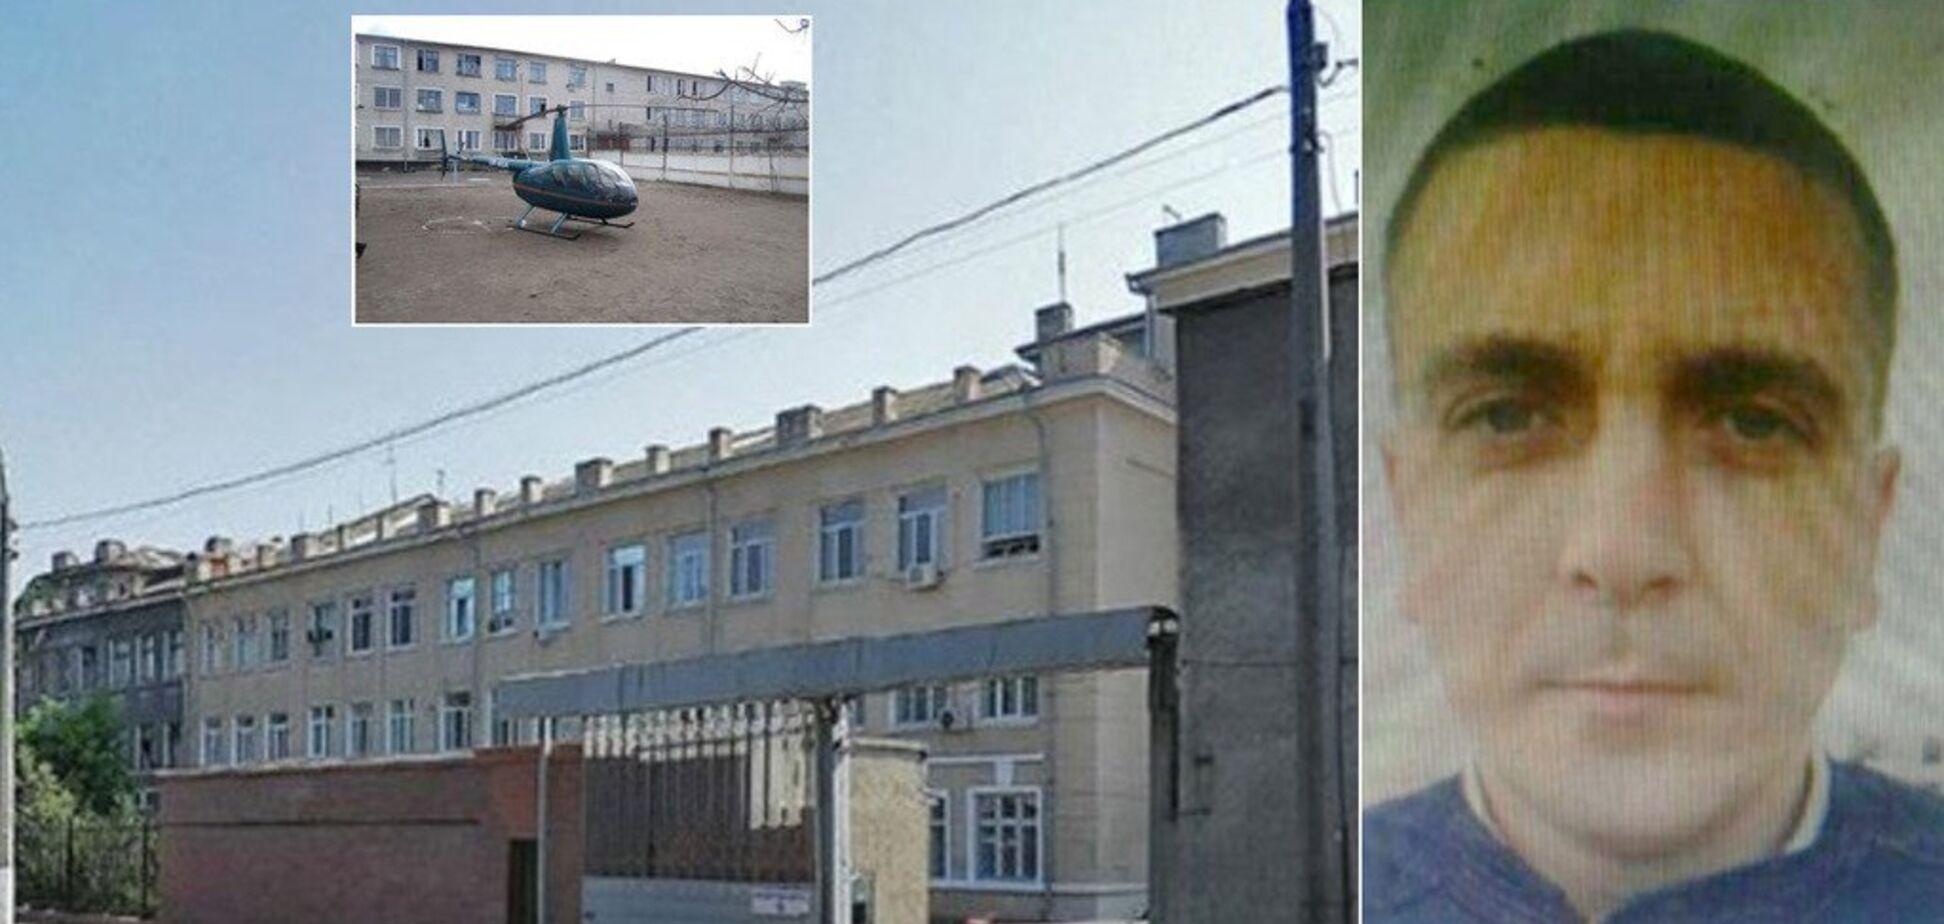 В Україні втекли небезпечні злочинці: чому в тюрмах панує хаос